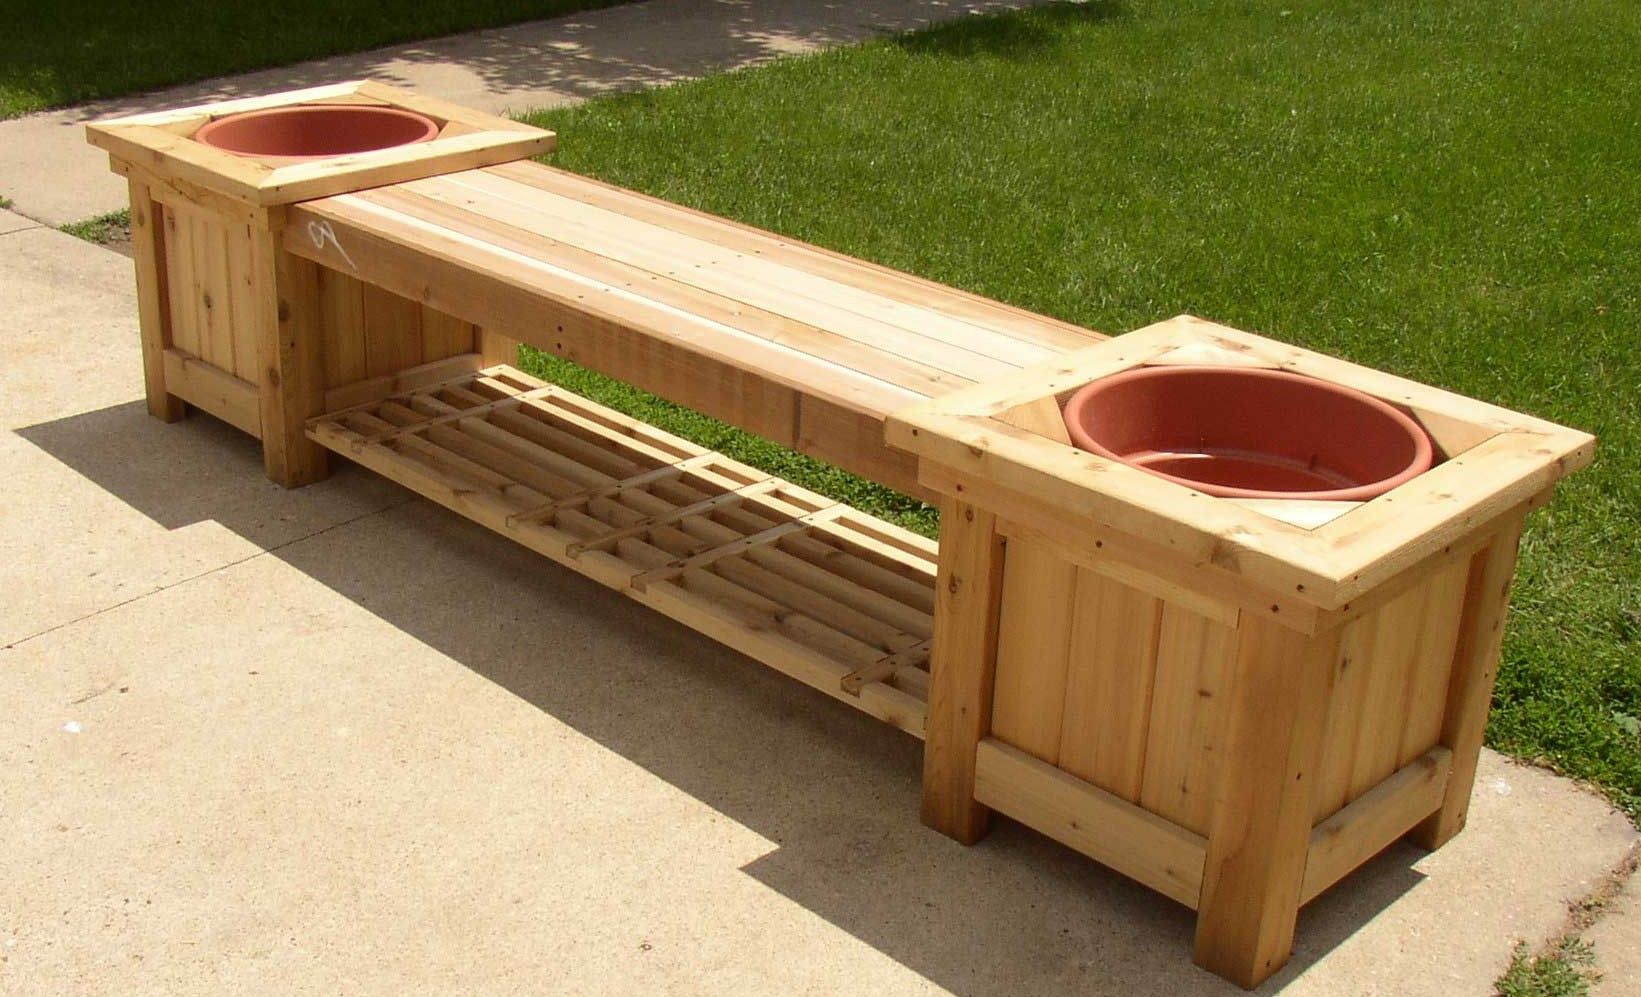 diy wood planter bench plans wooden pdf build woodworking. Black Bedroom Furniture Sets. Home Design Ideas